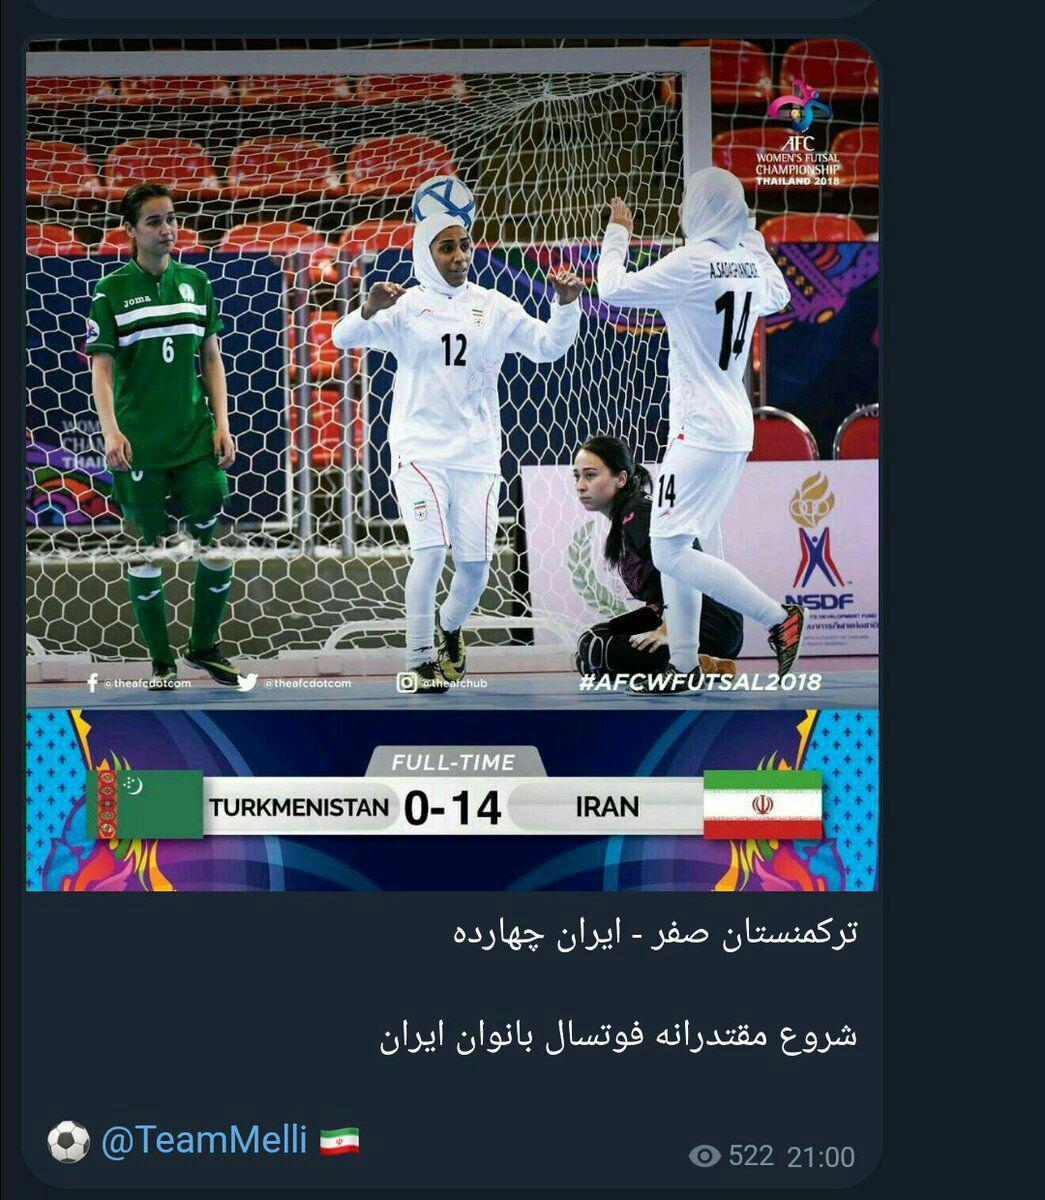 سانسور عجیب در کانال تیم ملی فوتبال ایران +عکس